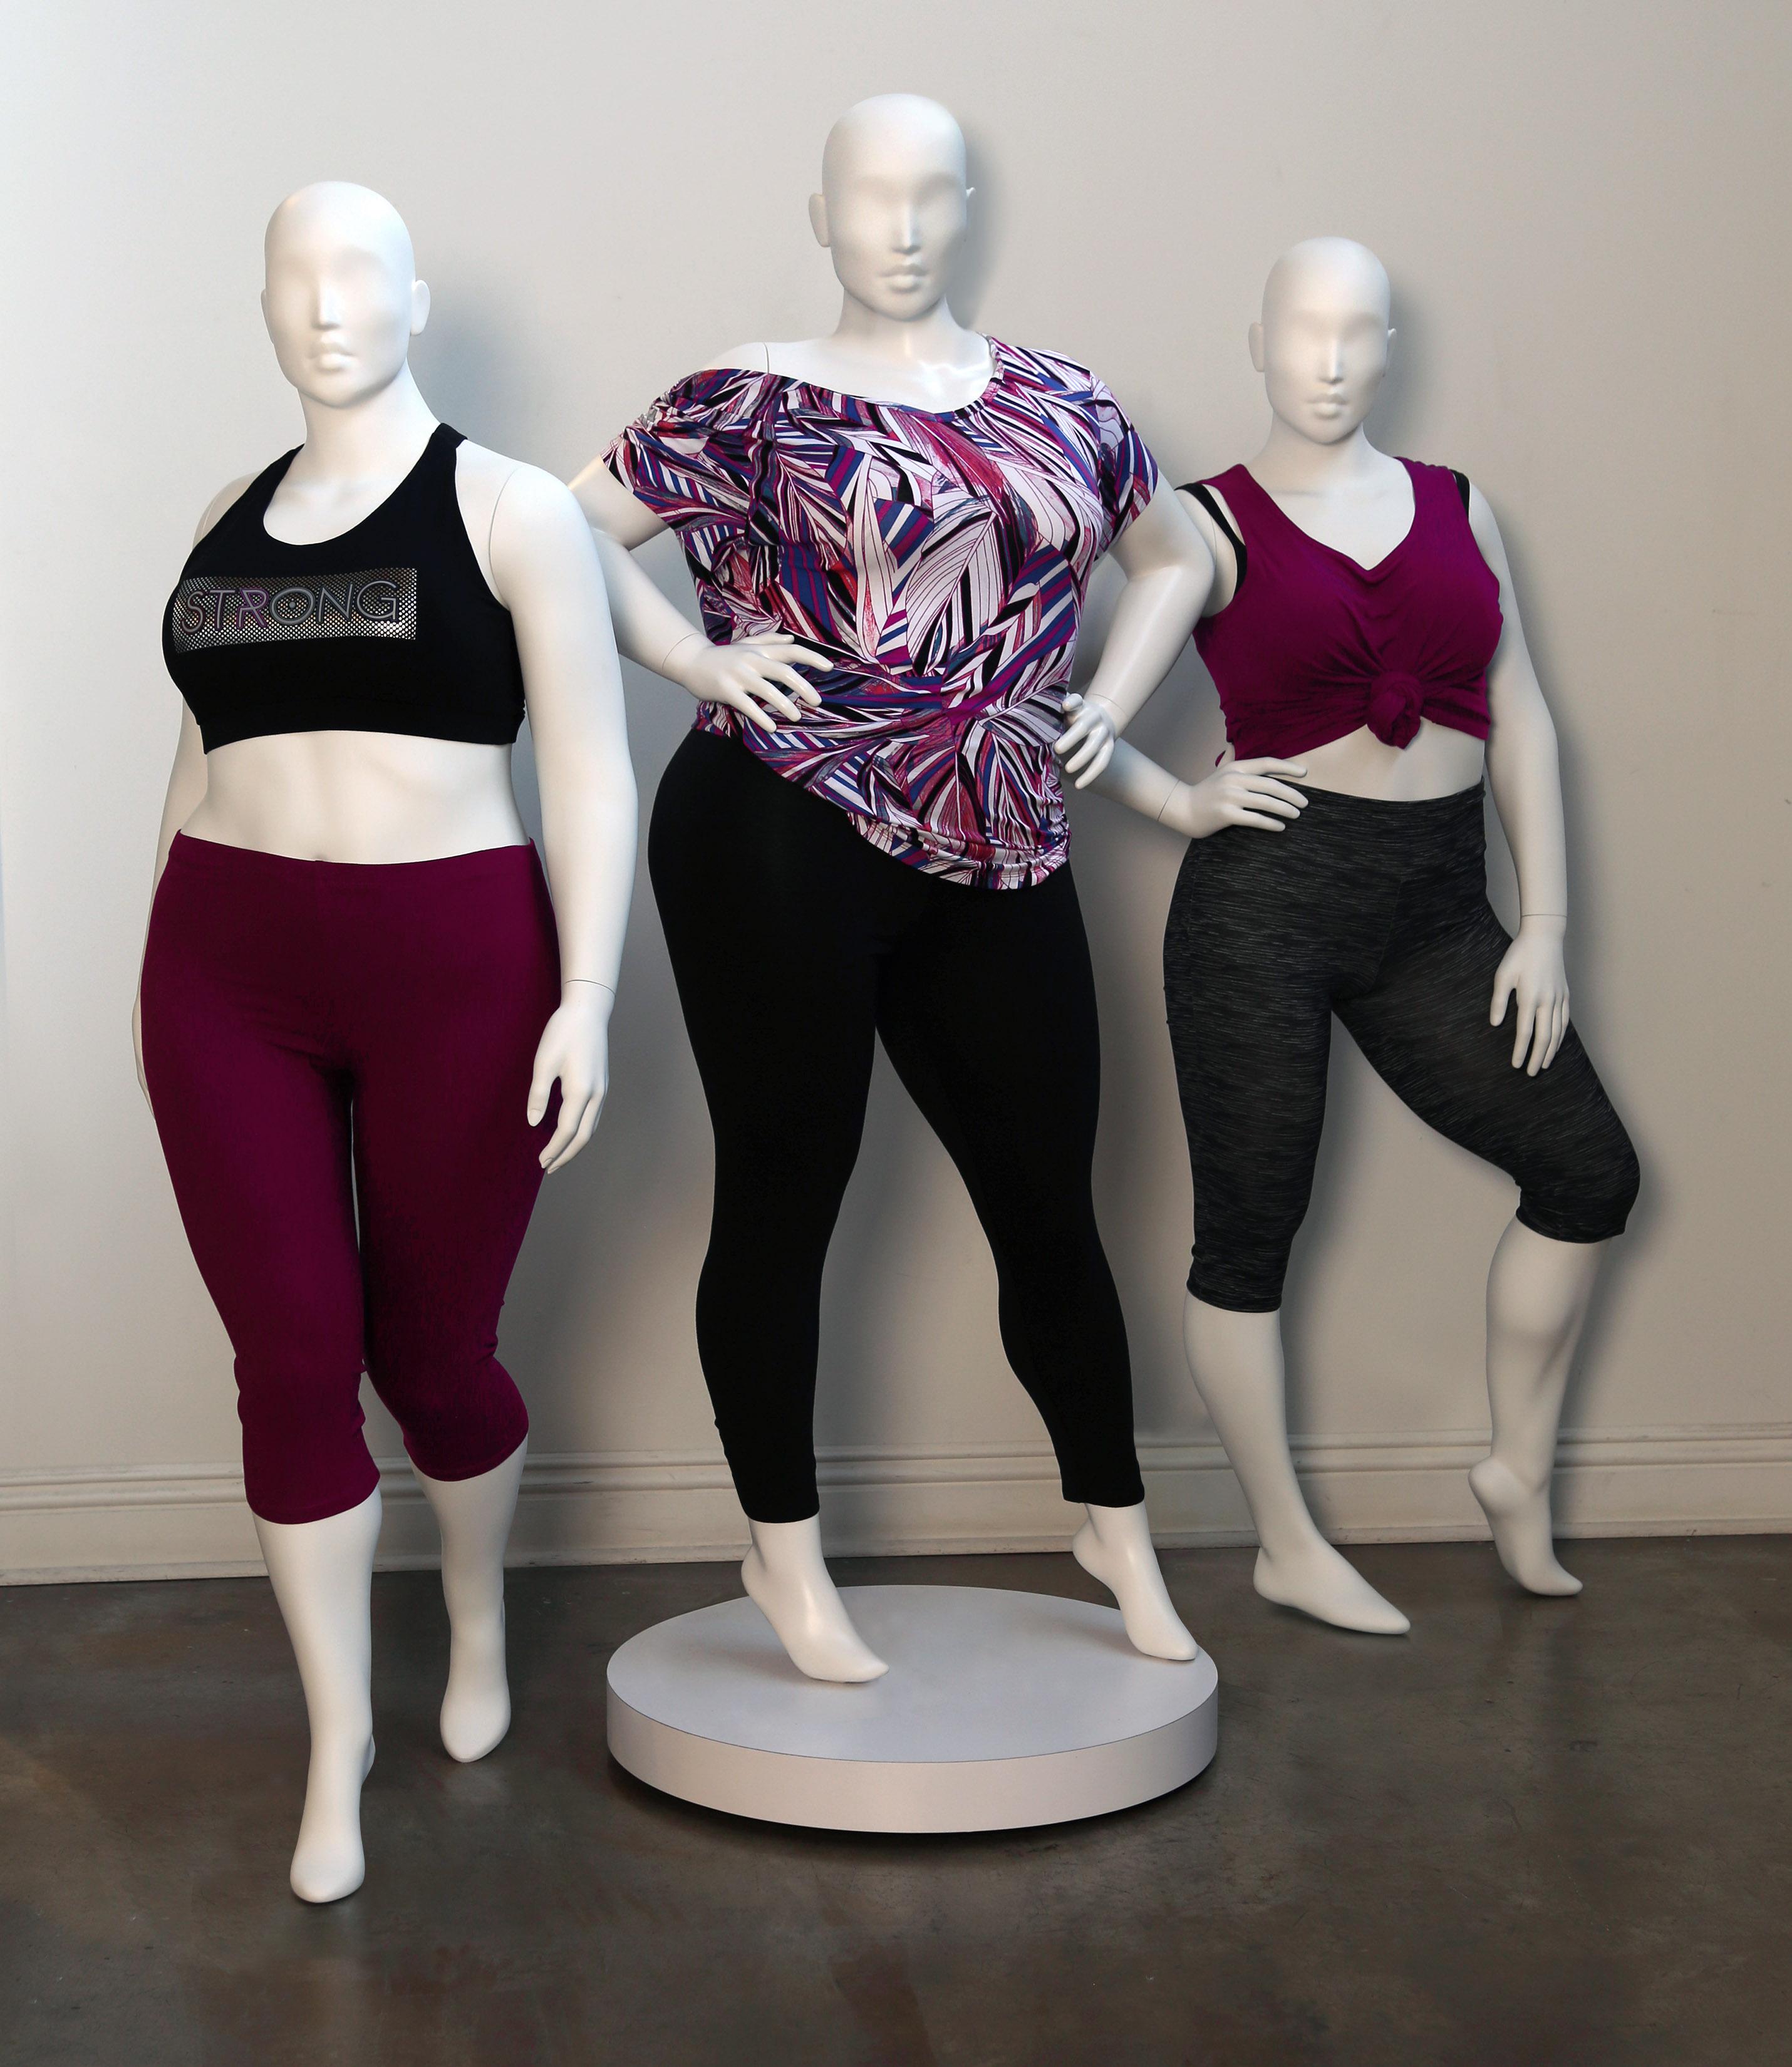 Size Inclusive mannequins